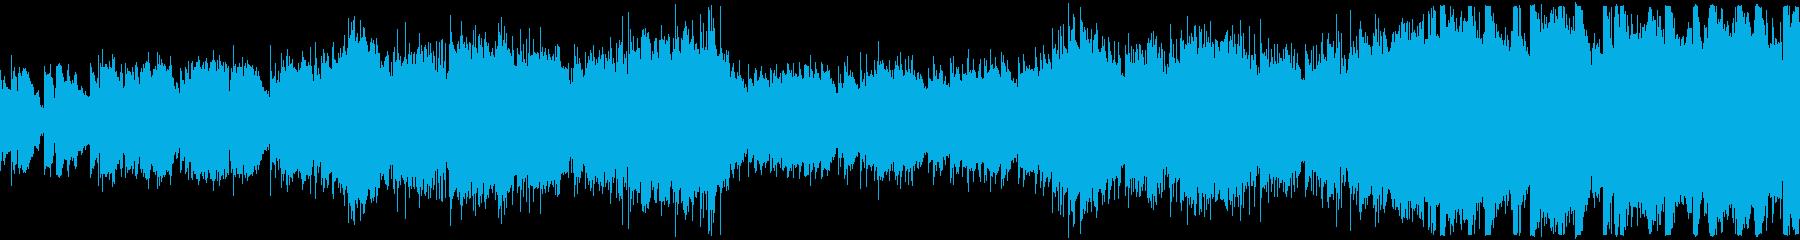 ループ・優しいフューチャーポップの再生済みの波形